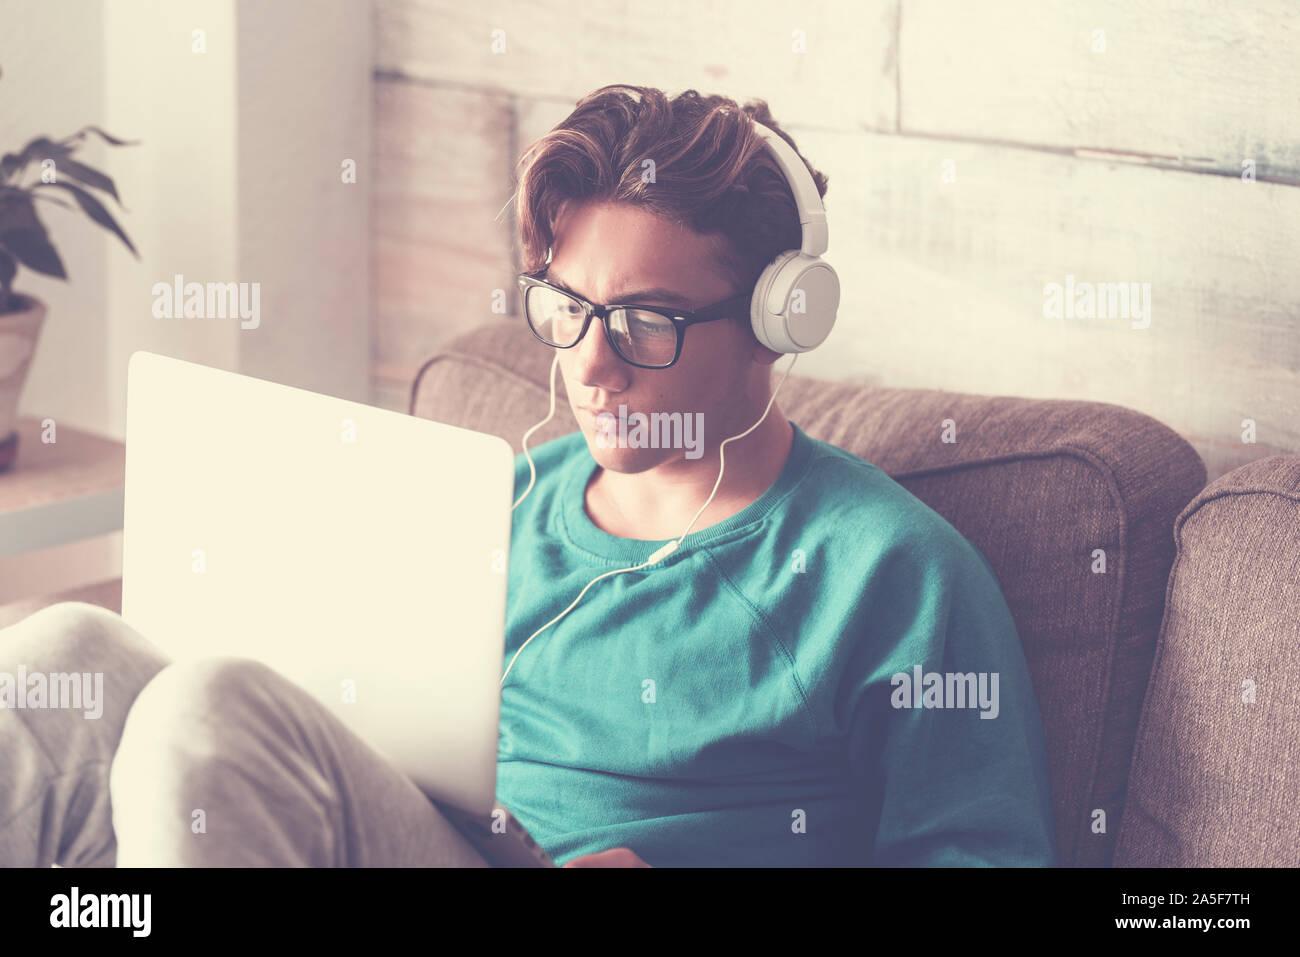 Joven estudiante en casa con un moderno equipo portátil auriculares y estudiar con internet cnnection - guapo muchacho sentado en el sofá con tecnología Foto de stock